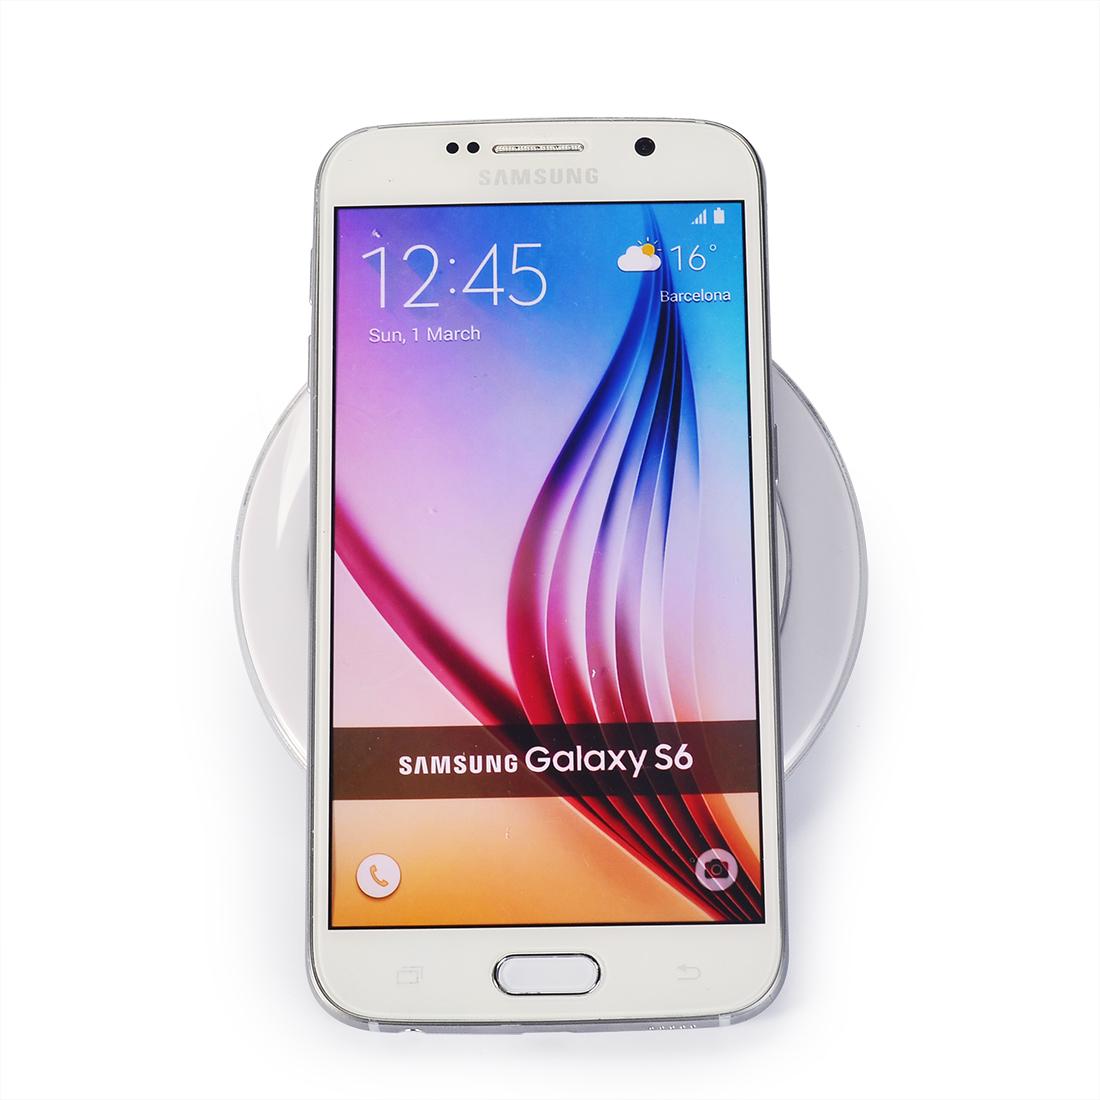 """Архив Универсальная беспроводная зарядка """"А1"""" стандарта Qi для Samsung DSC_0366.jpg"""